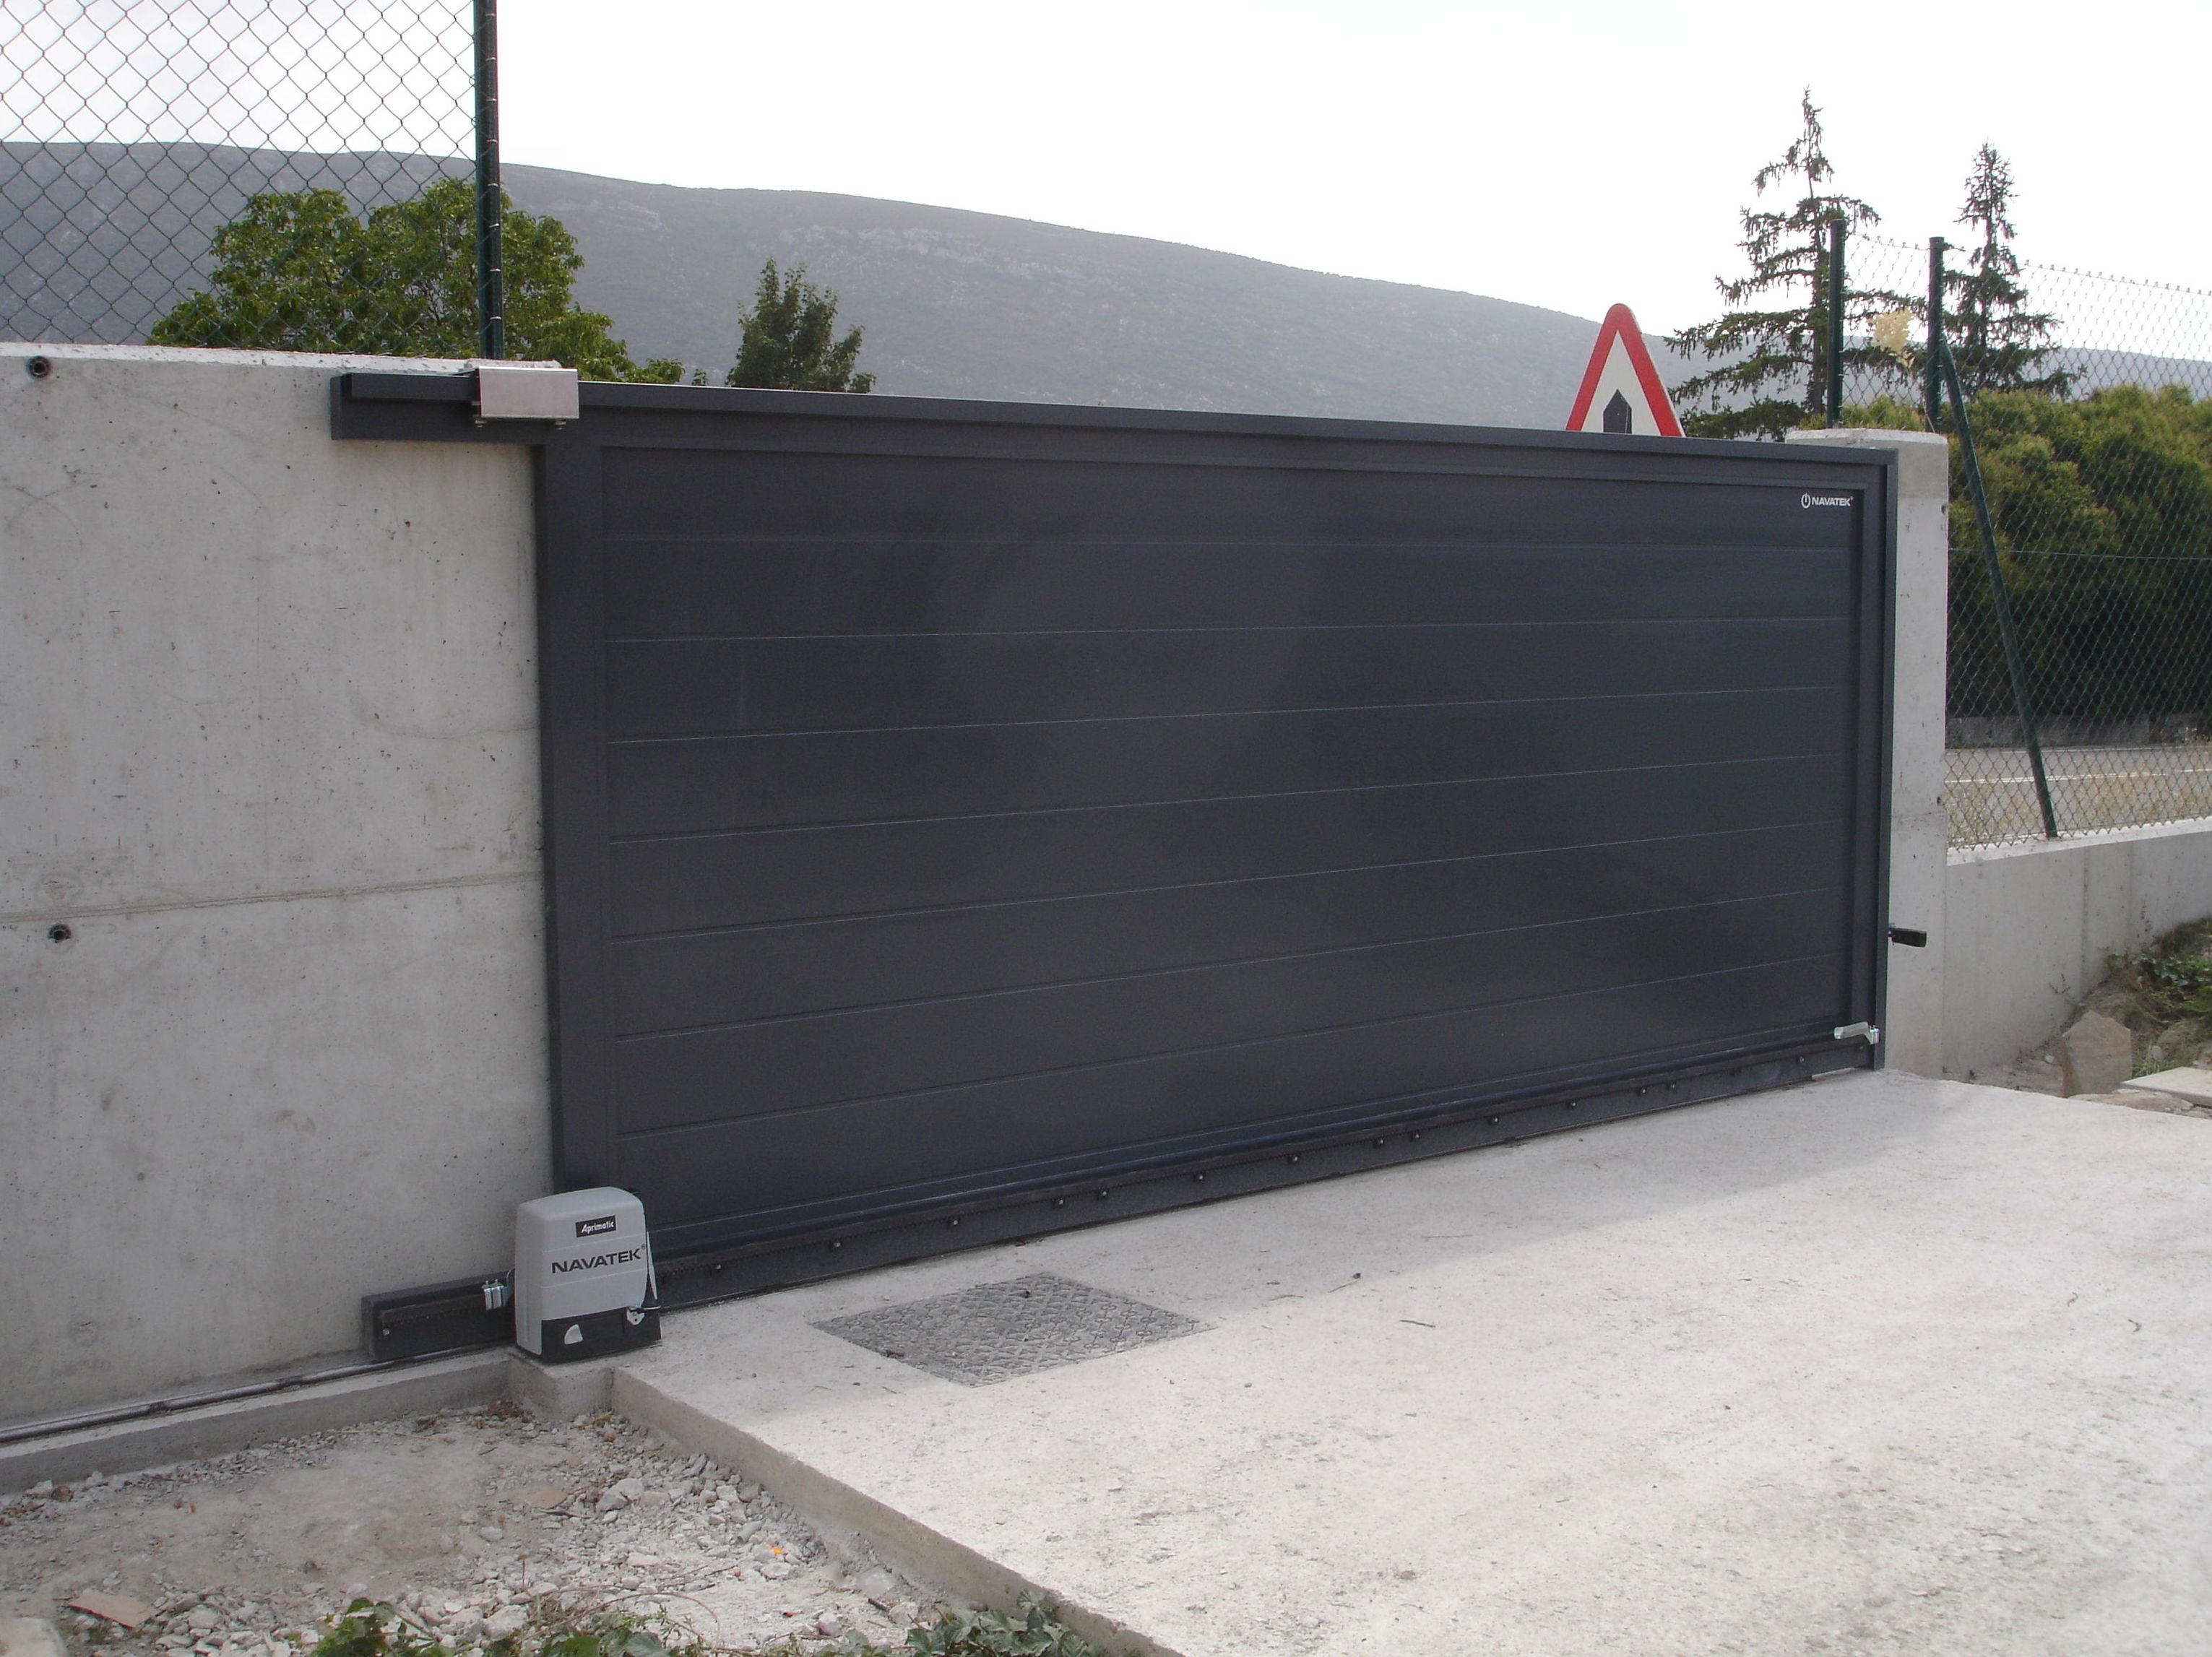 Puertas Exteriores Metalicas Top Instalada En Centro Comercial - Puerta-corredera-metalica